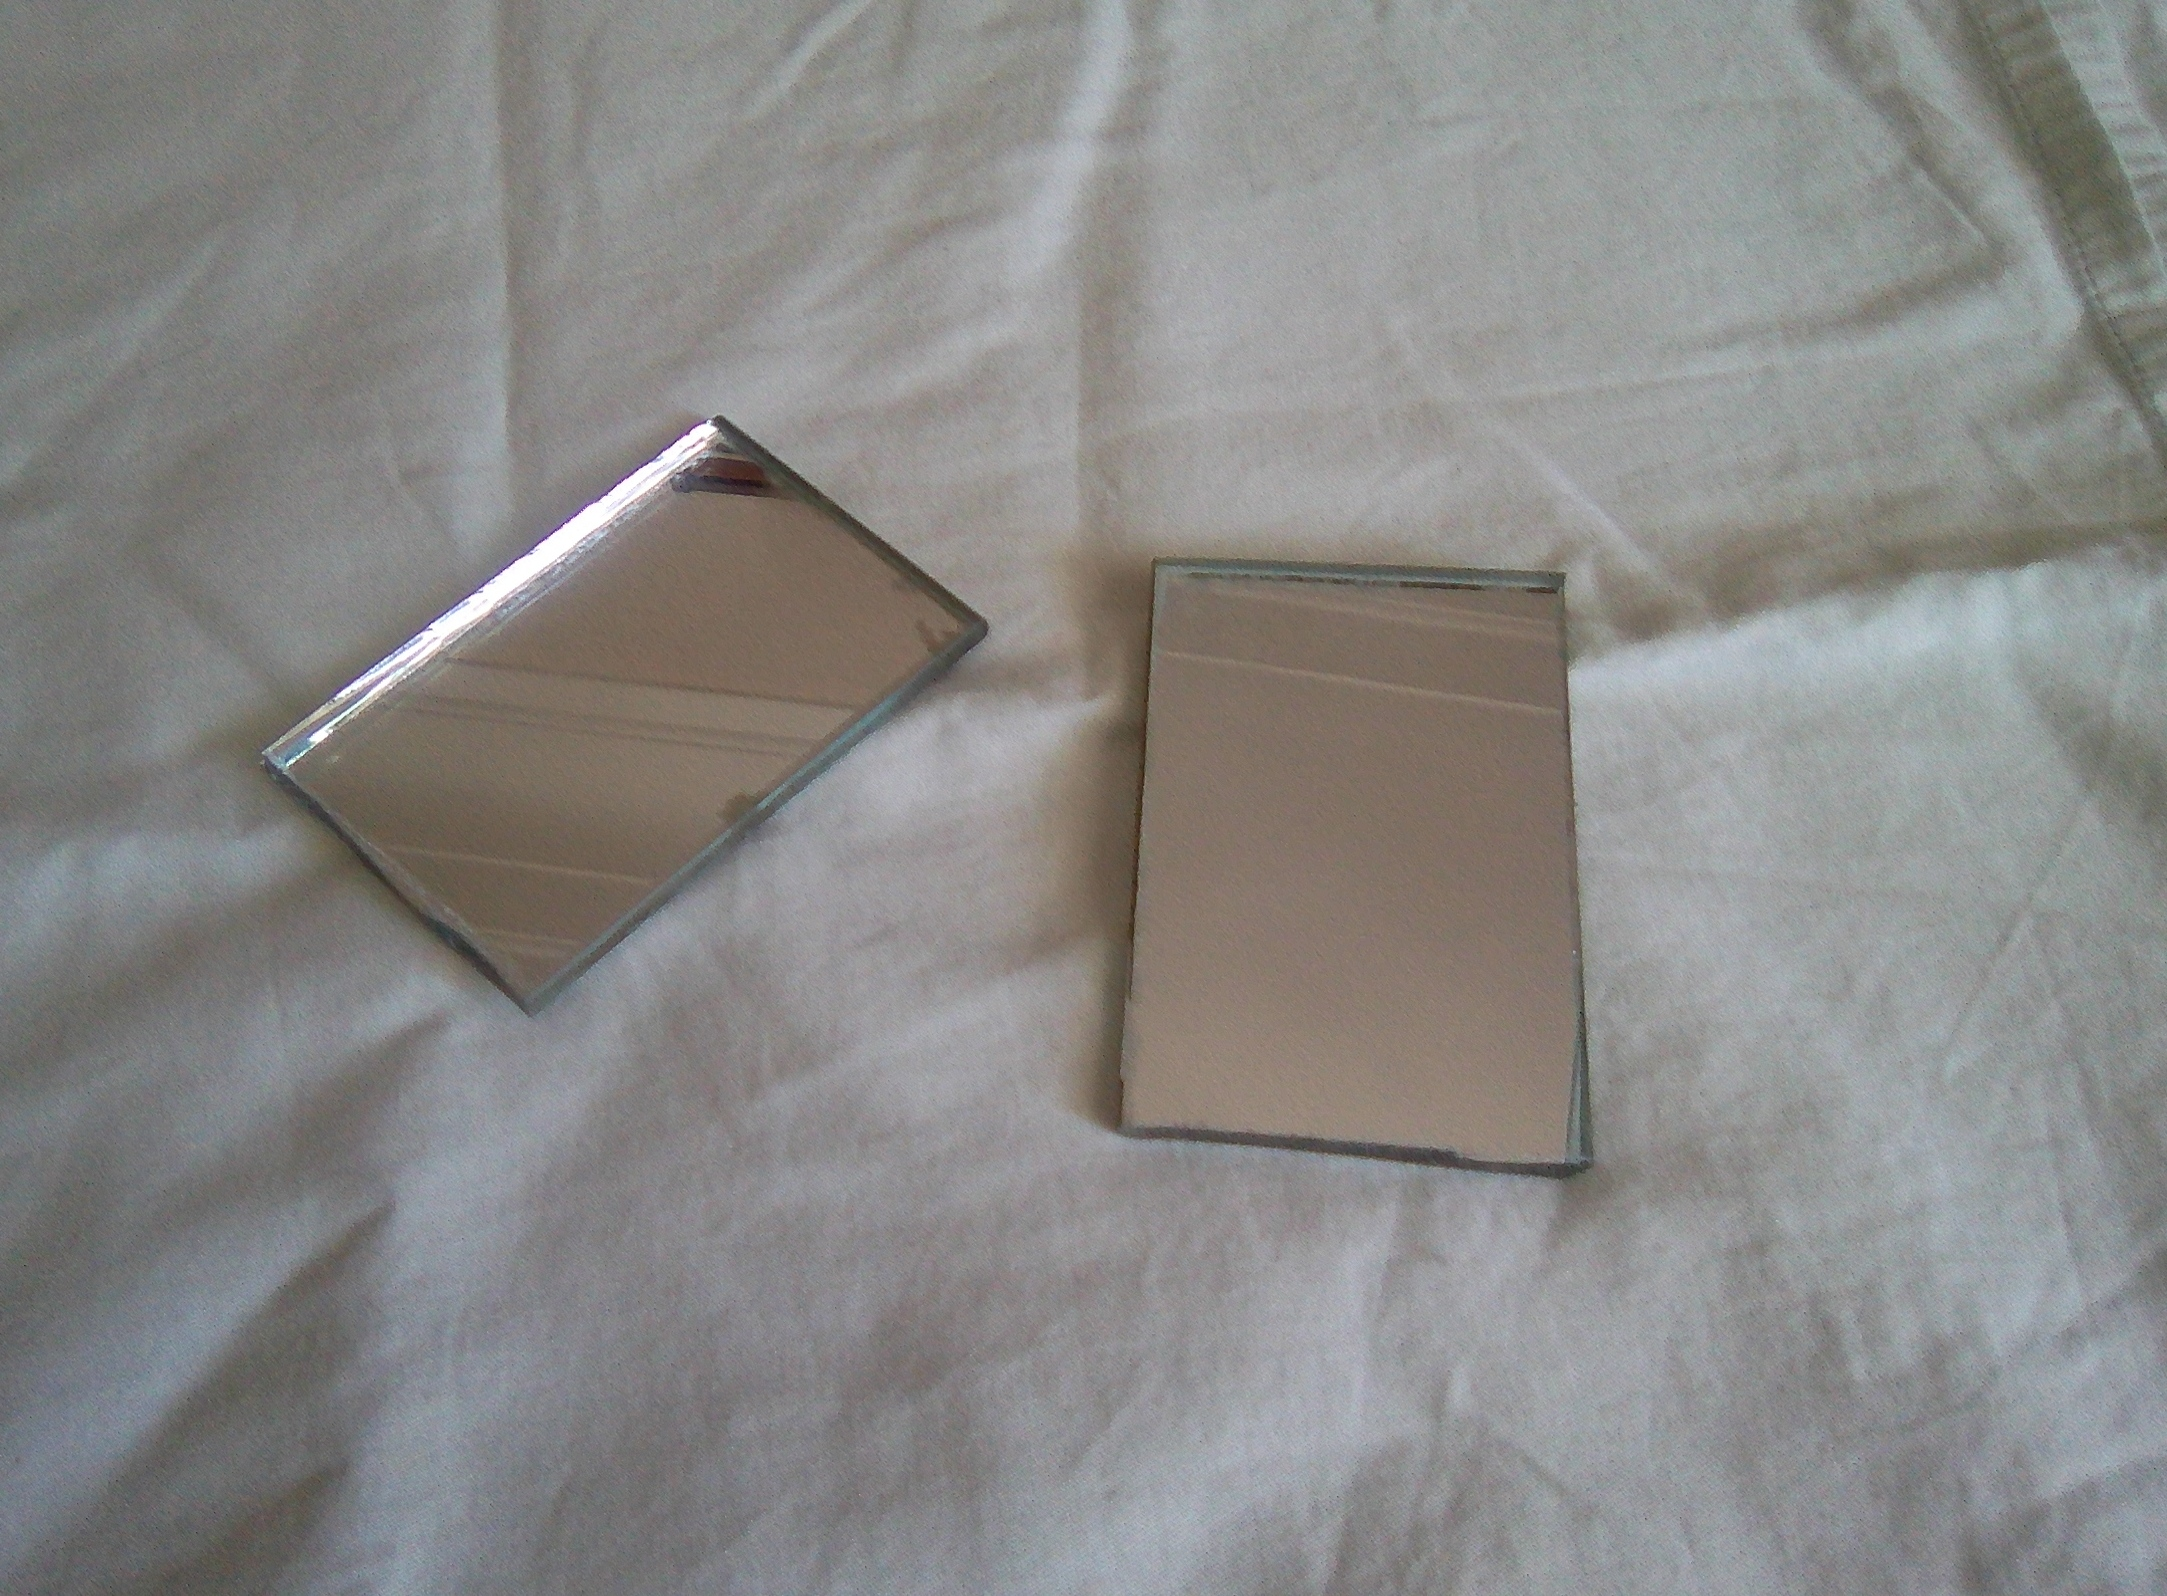 Зеркало разрезано